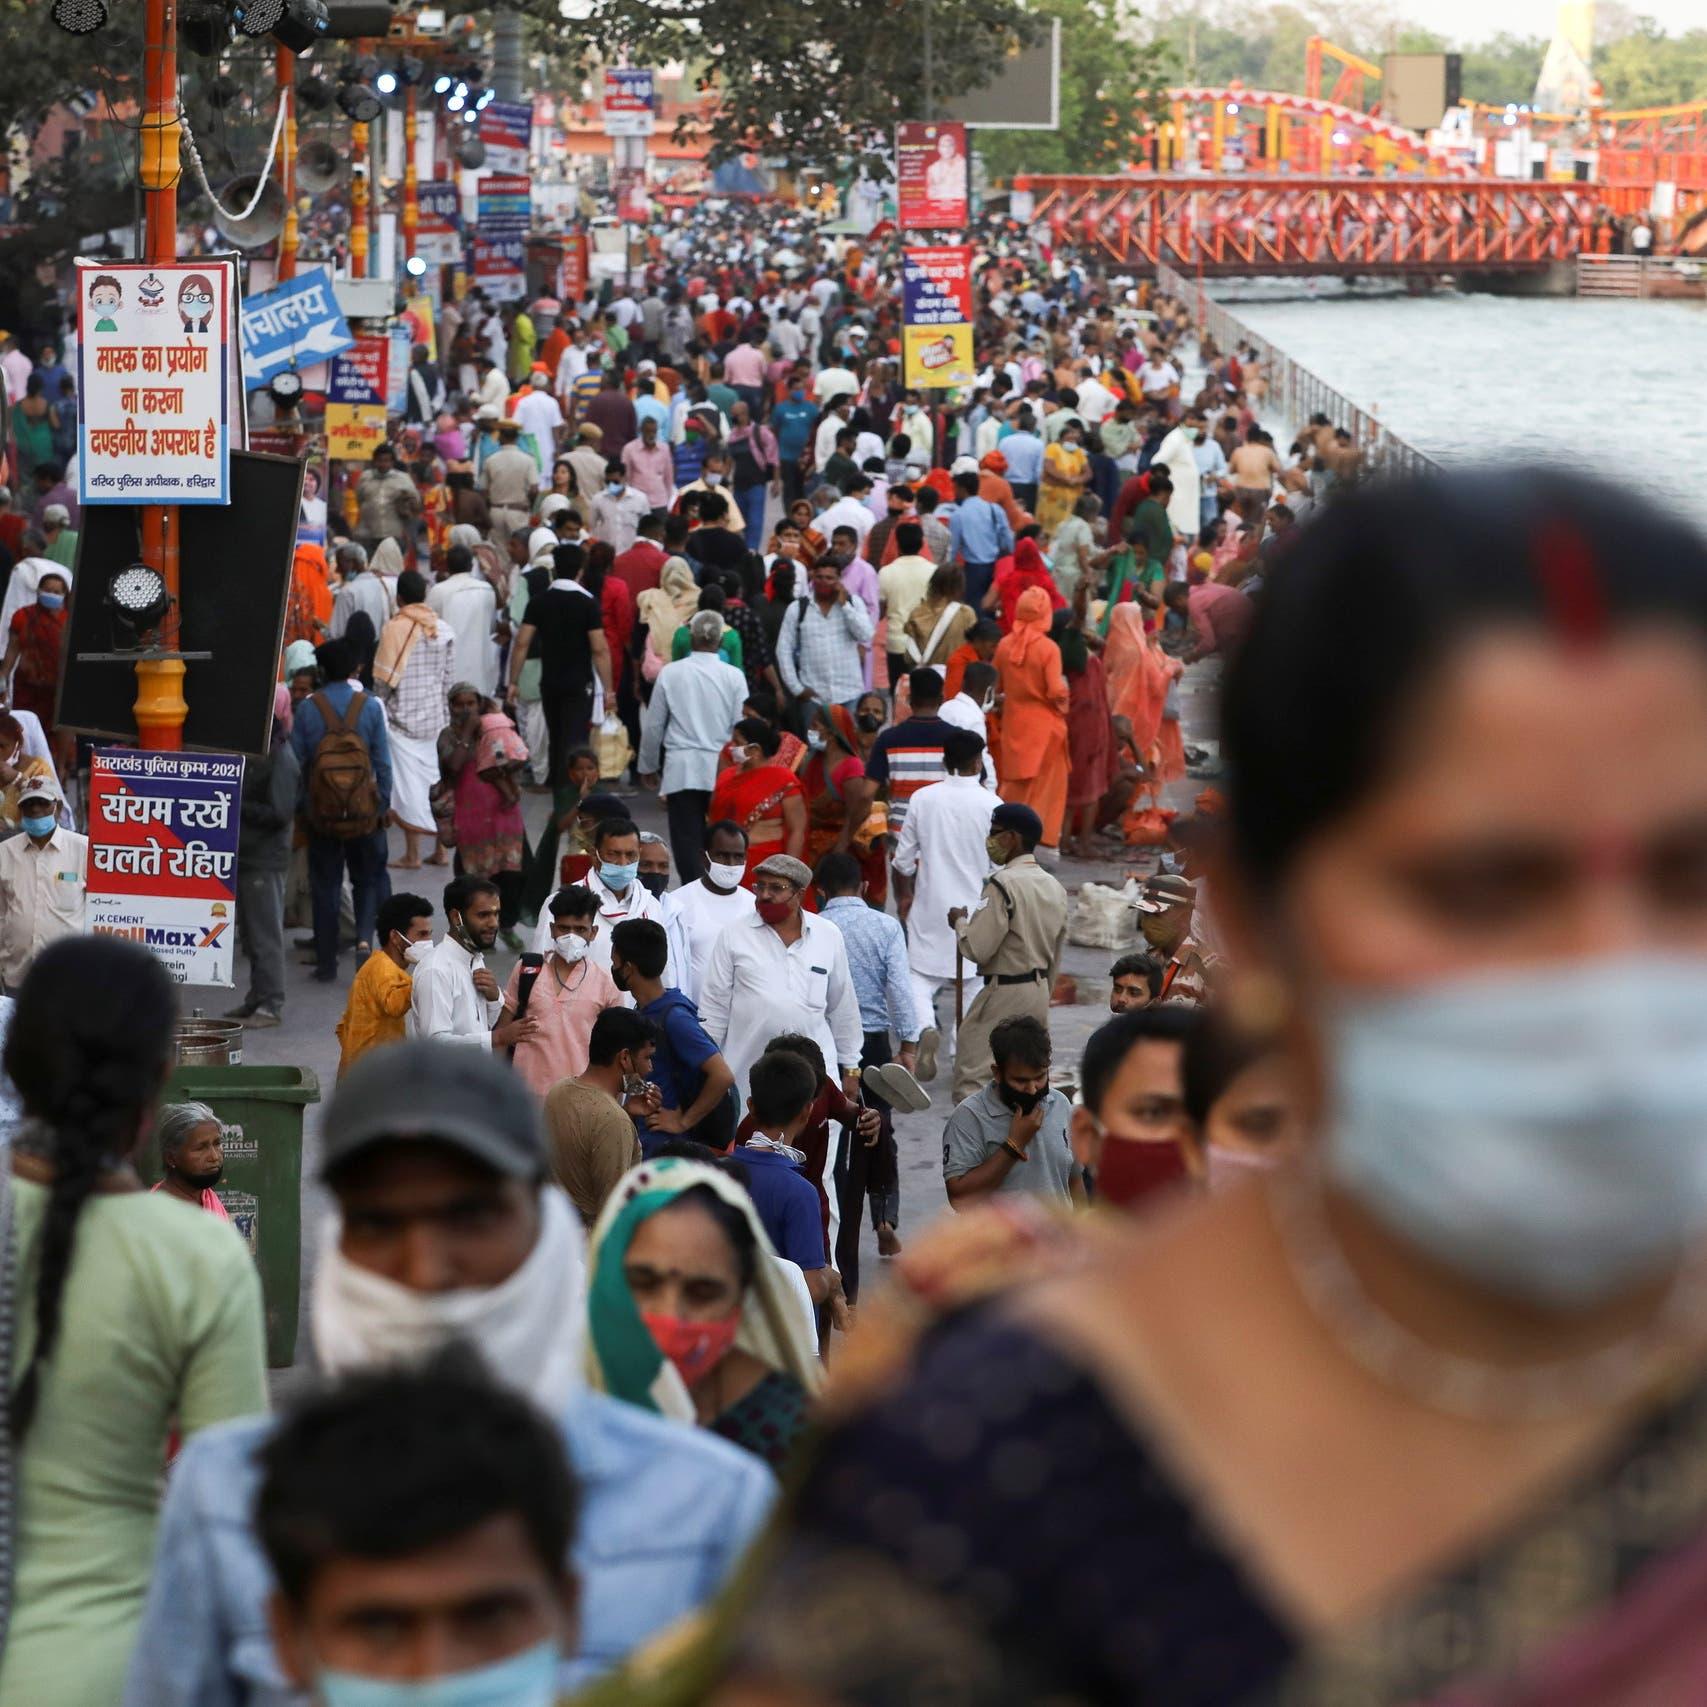 الصحة العالمية: هذا ما يجب على الهند فعله للحد من انتشار كورونا